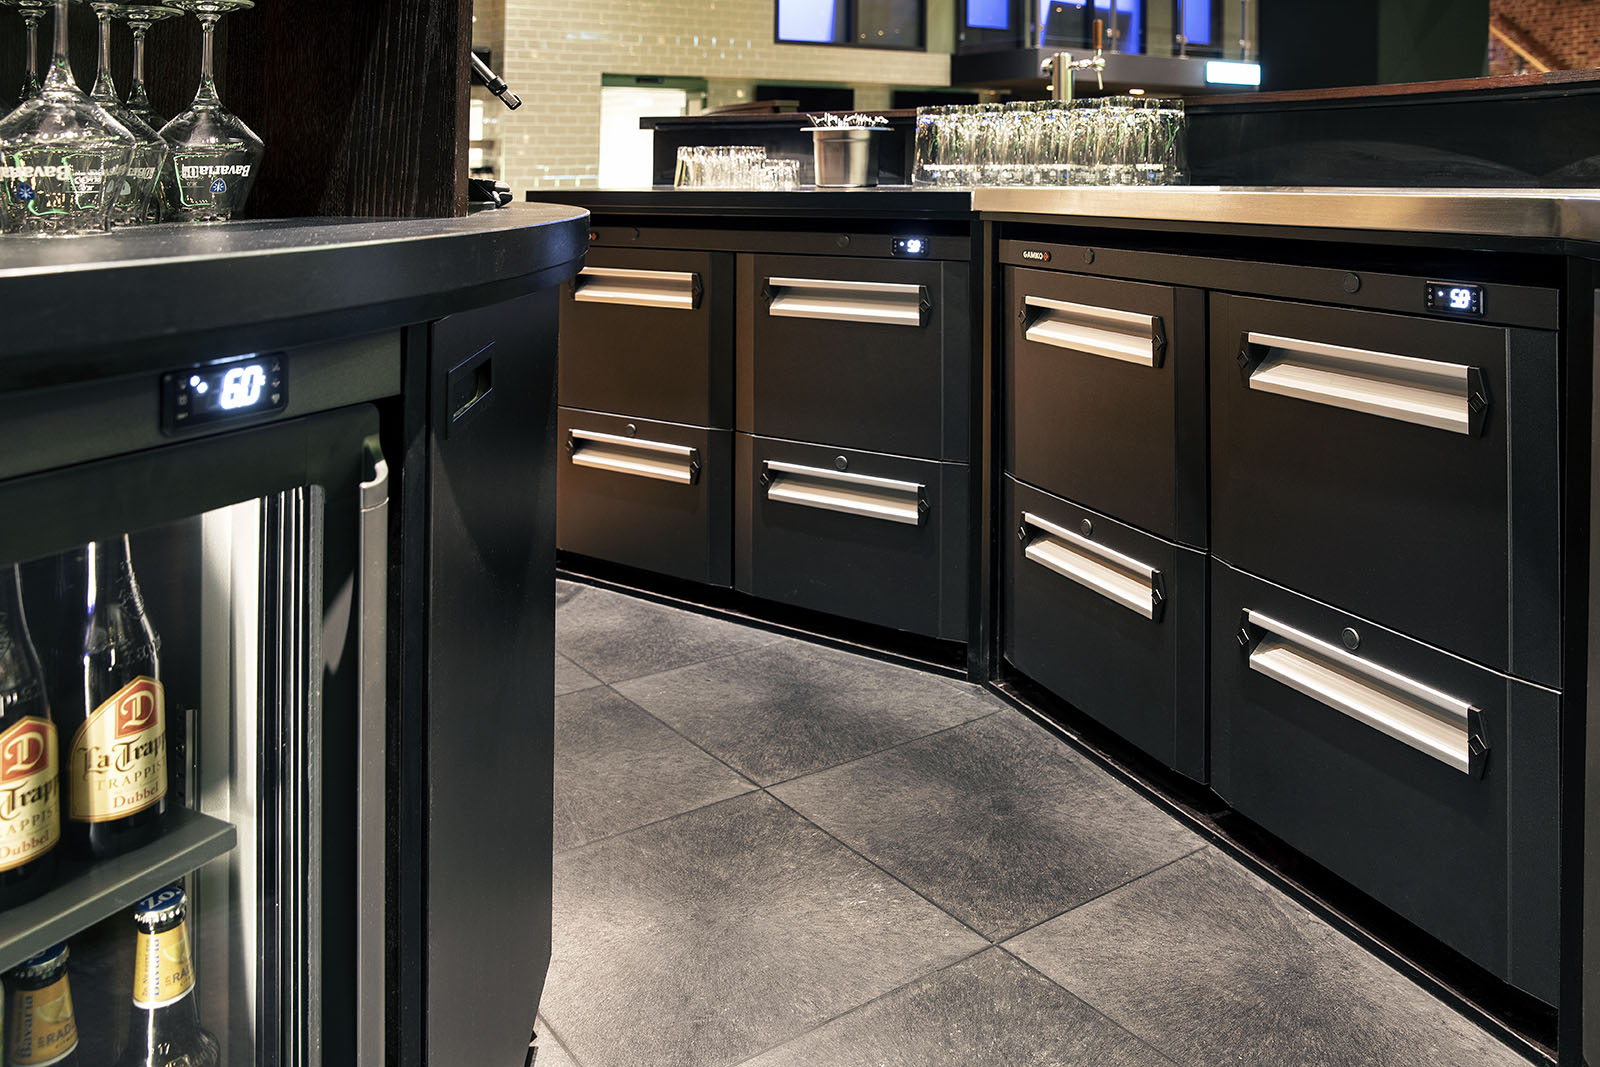 Gamko koelkasten onder en achter de bar